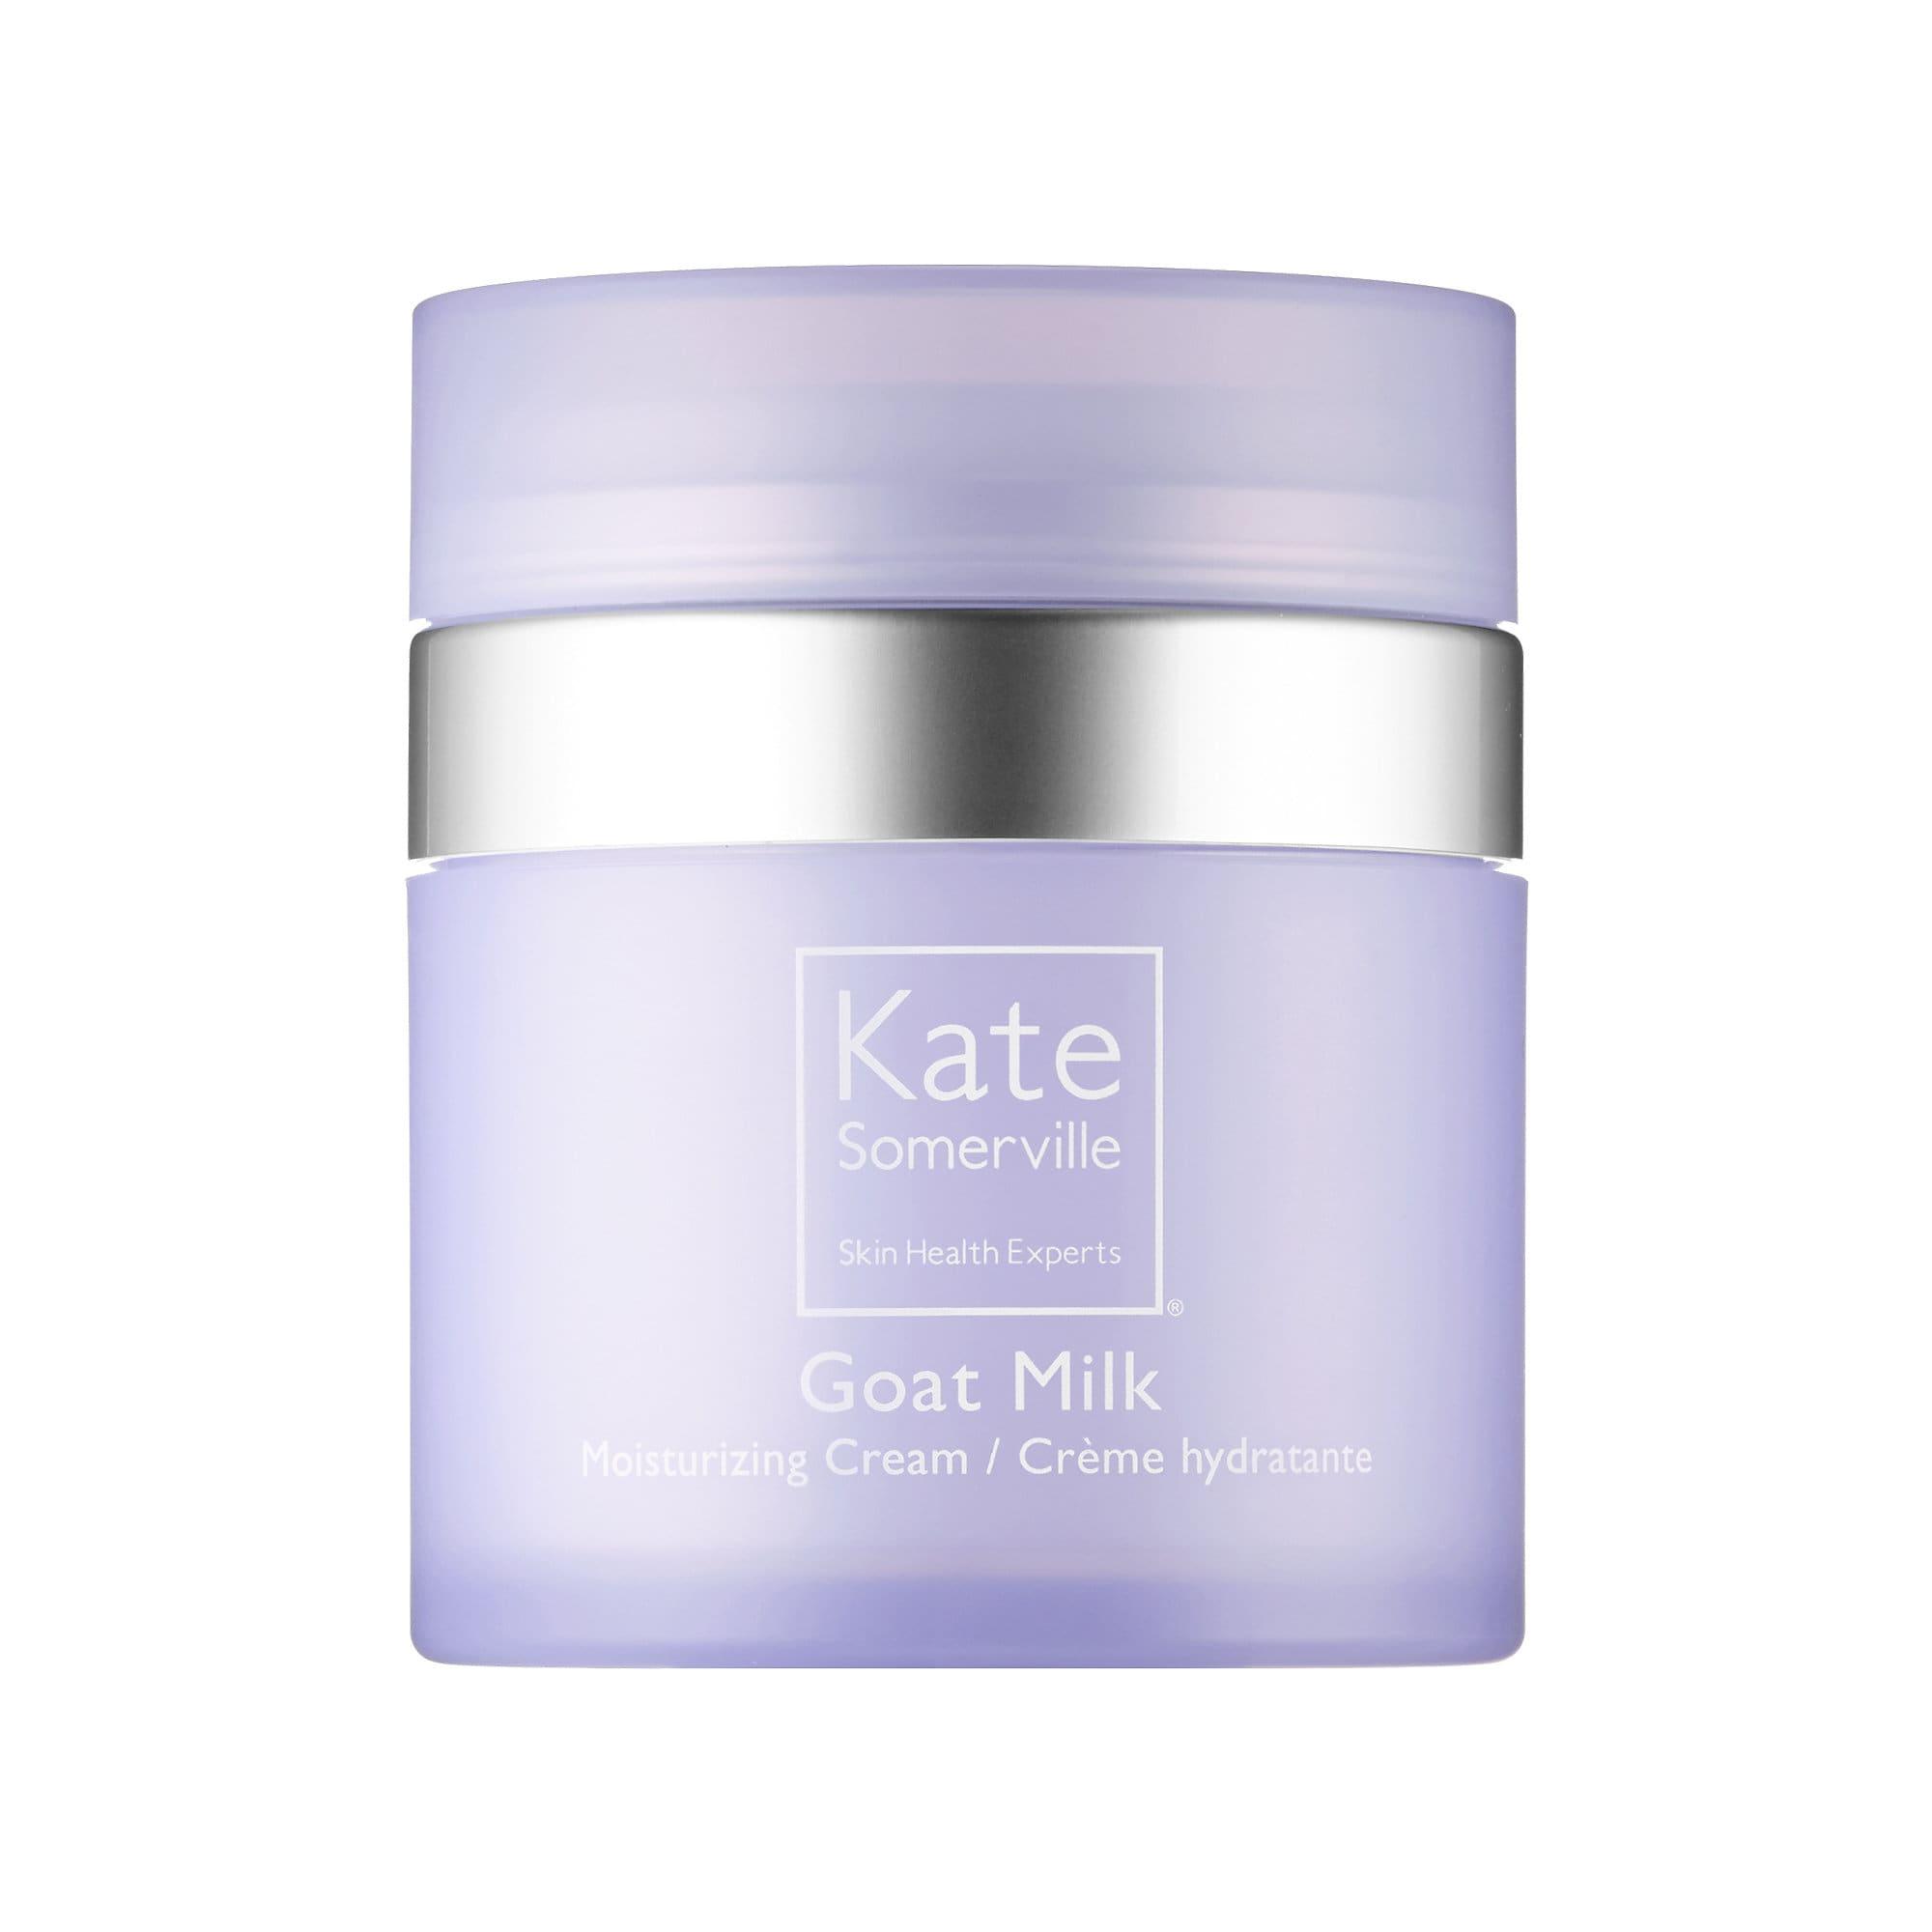 Kate Somerville Skincare - Goat Milk Moisturizing Cream